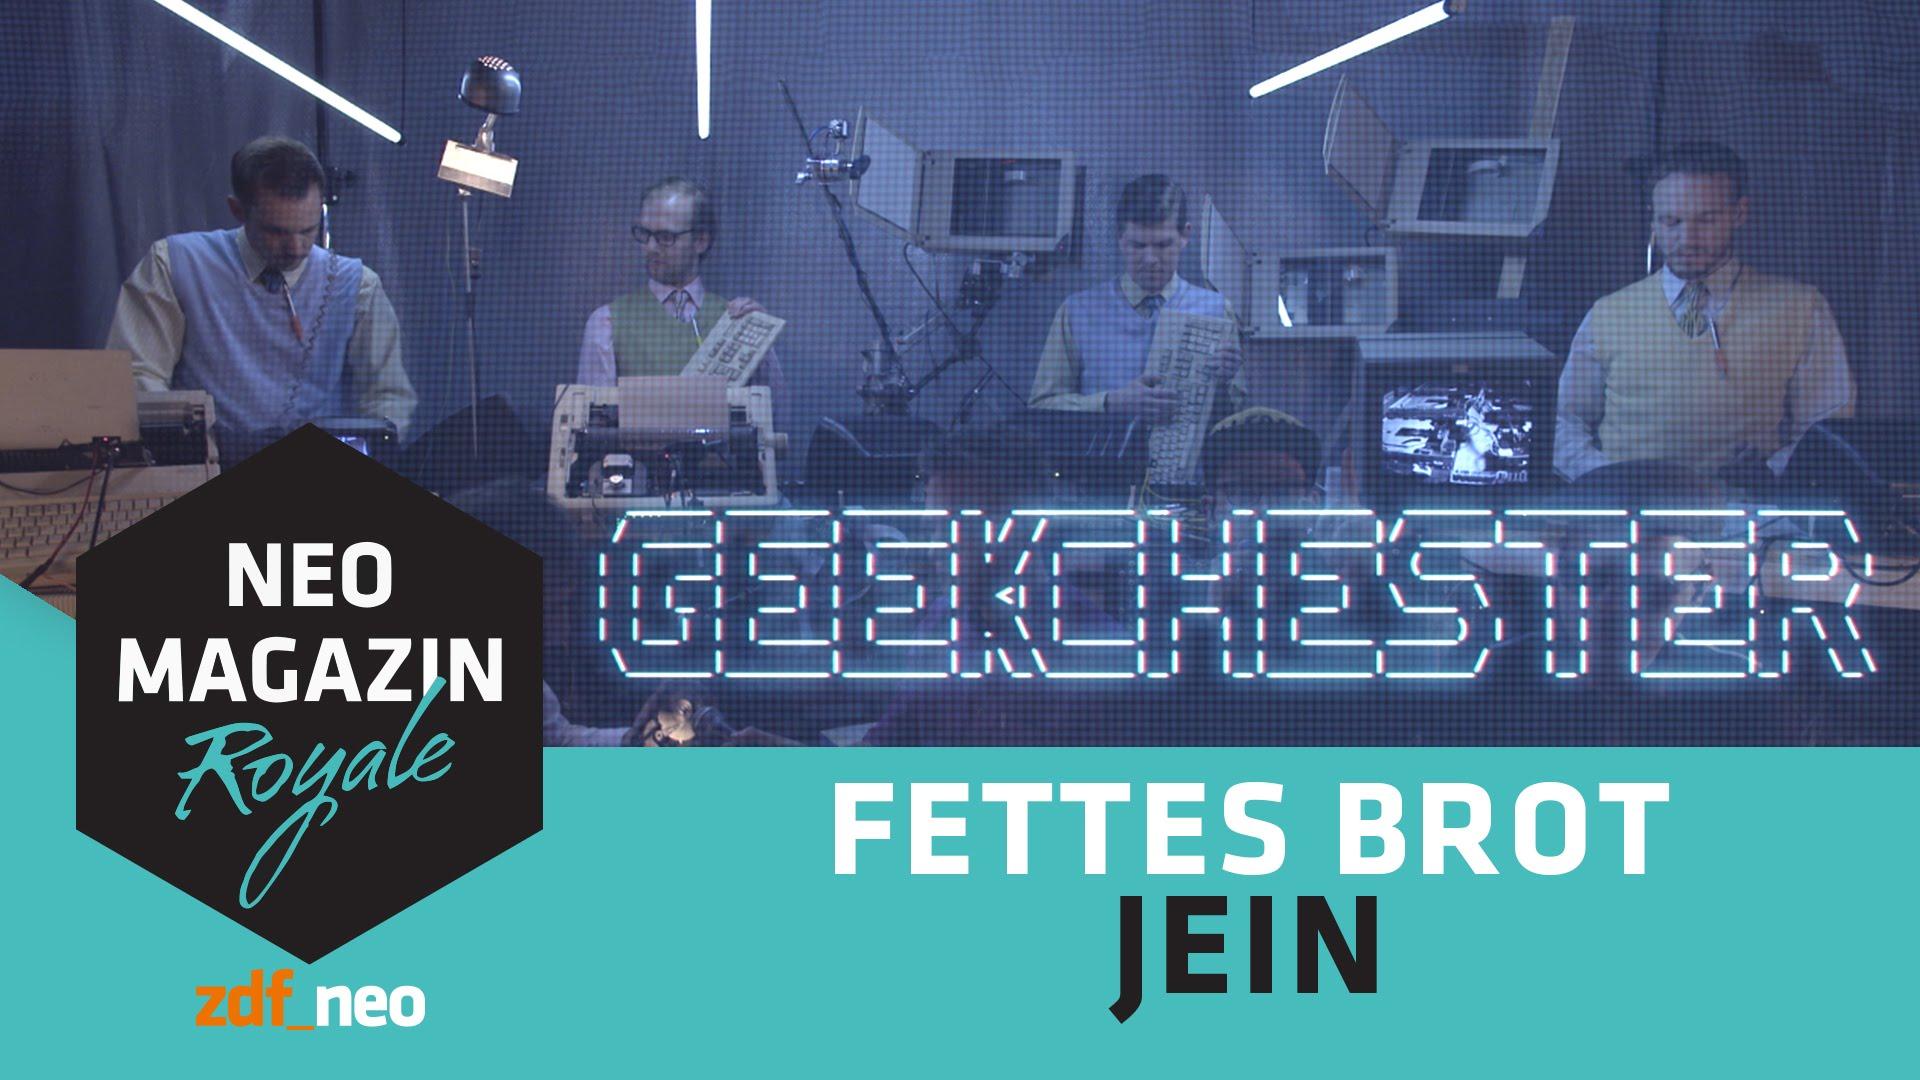 """Fettes Brot feat. Geekchester spielen für NEO MAGAZIN ROYALE """"Jein"""" auf alter Hardware"""